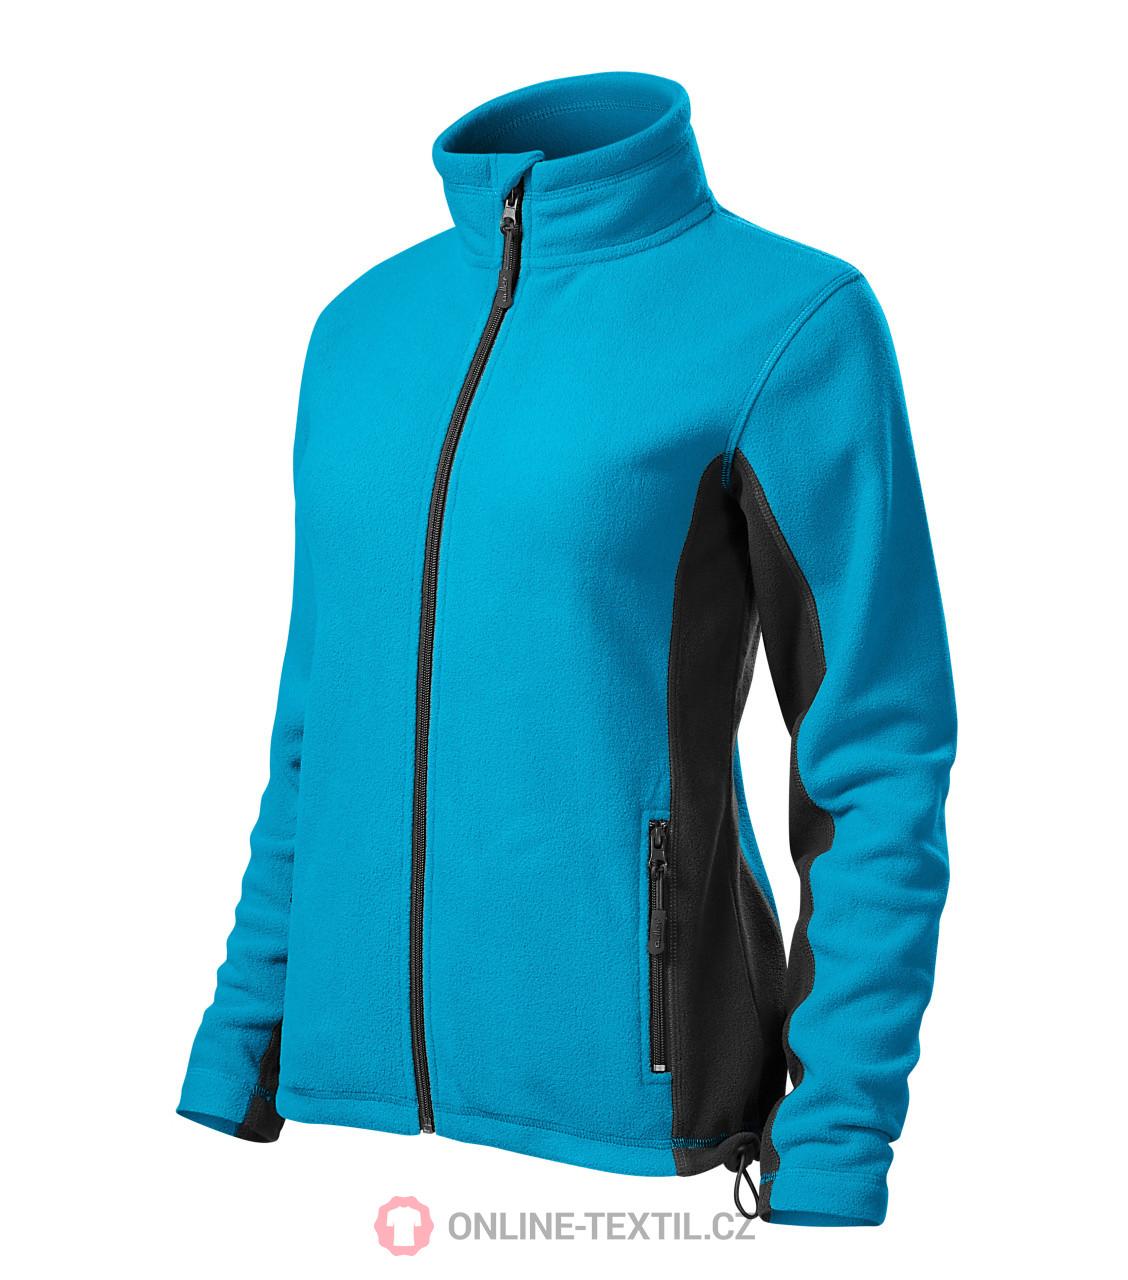 ADLER CZECH Dámská fleece bunda mikina Frosty 528 - tyrkysová z ... ca3a48323e